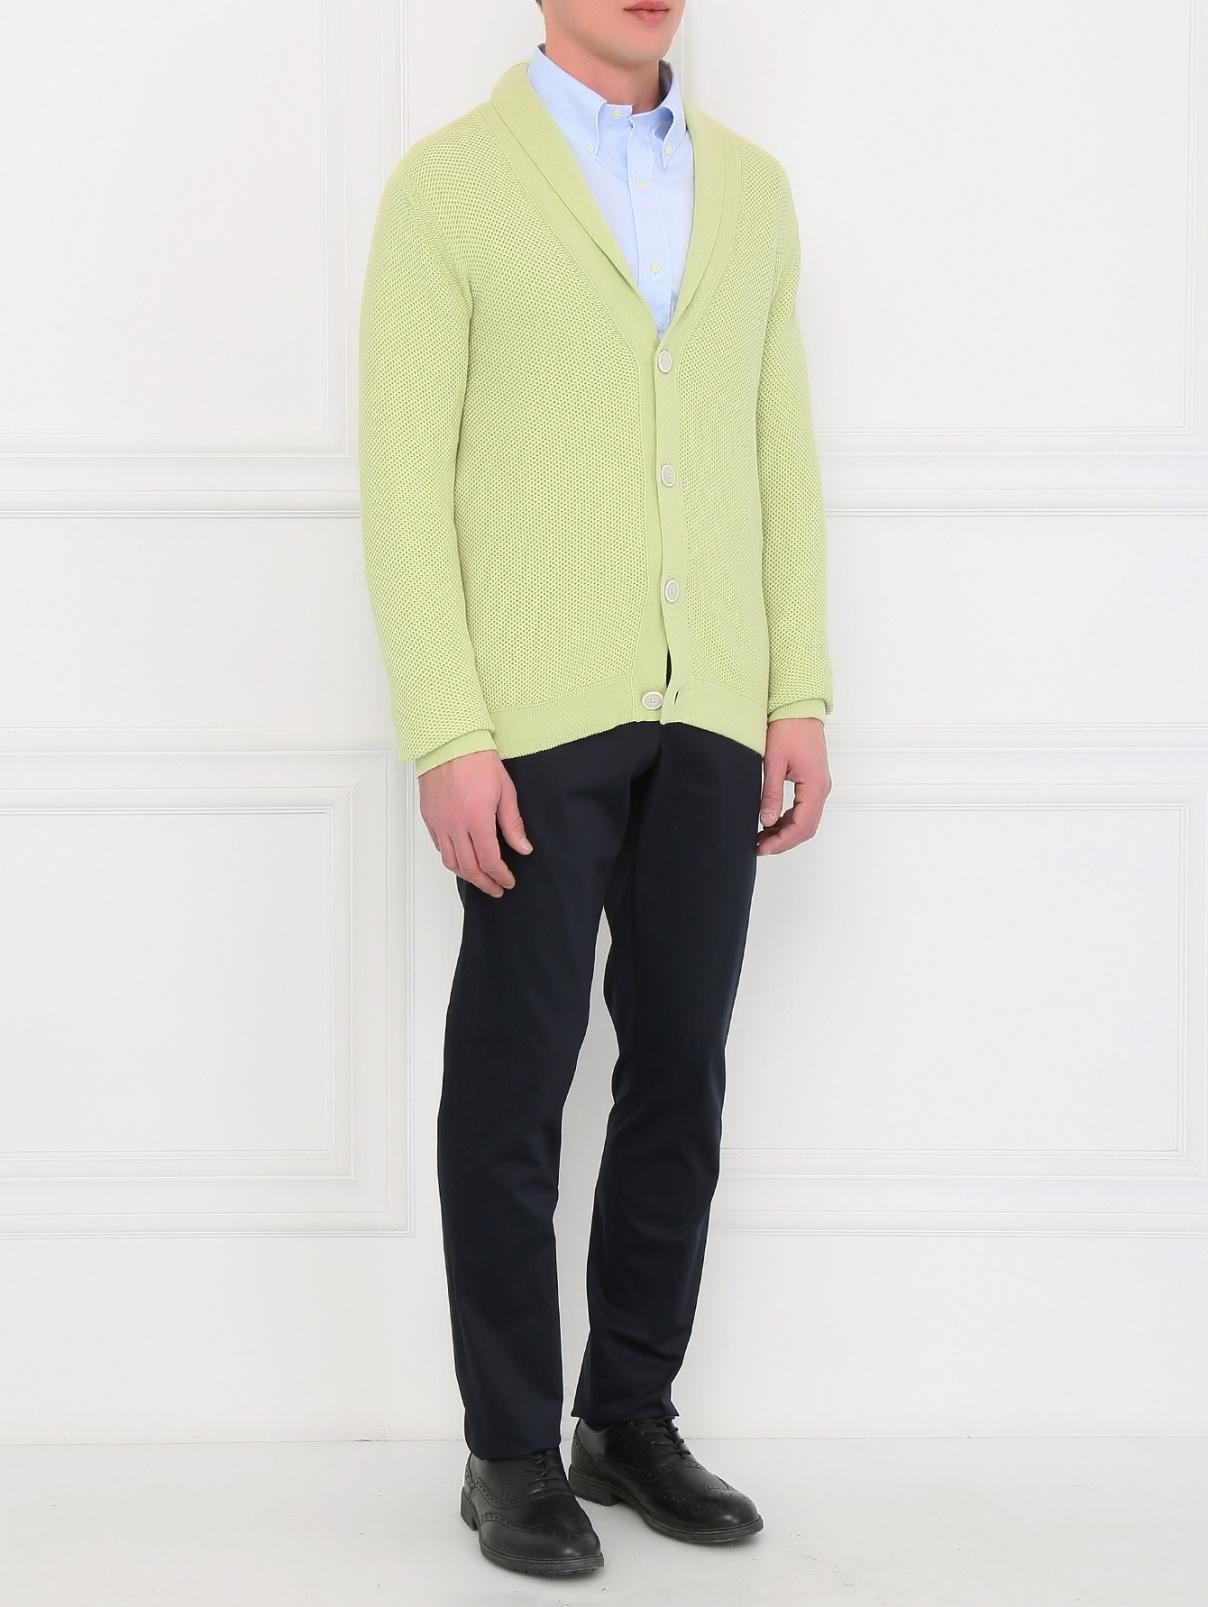 Кардиган из хлопка крупной вязки Ballantyne  –  Модель Общий вид  – Цвет:  Зеленый